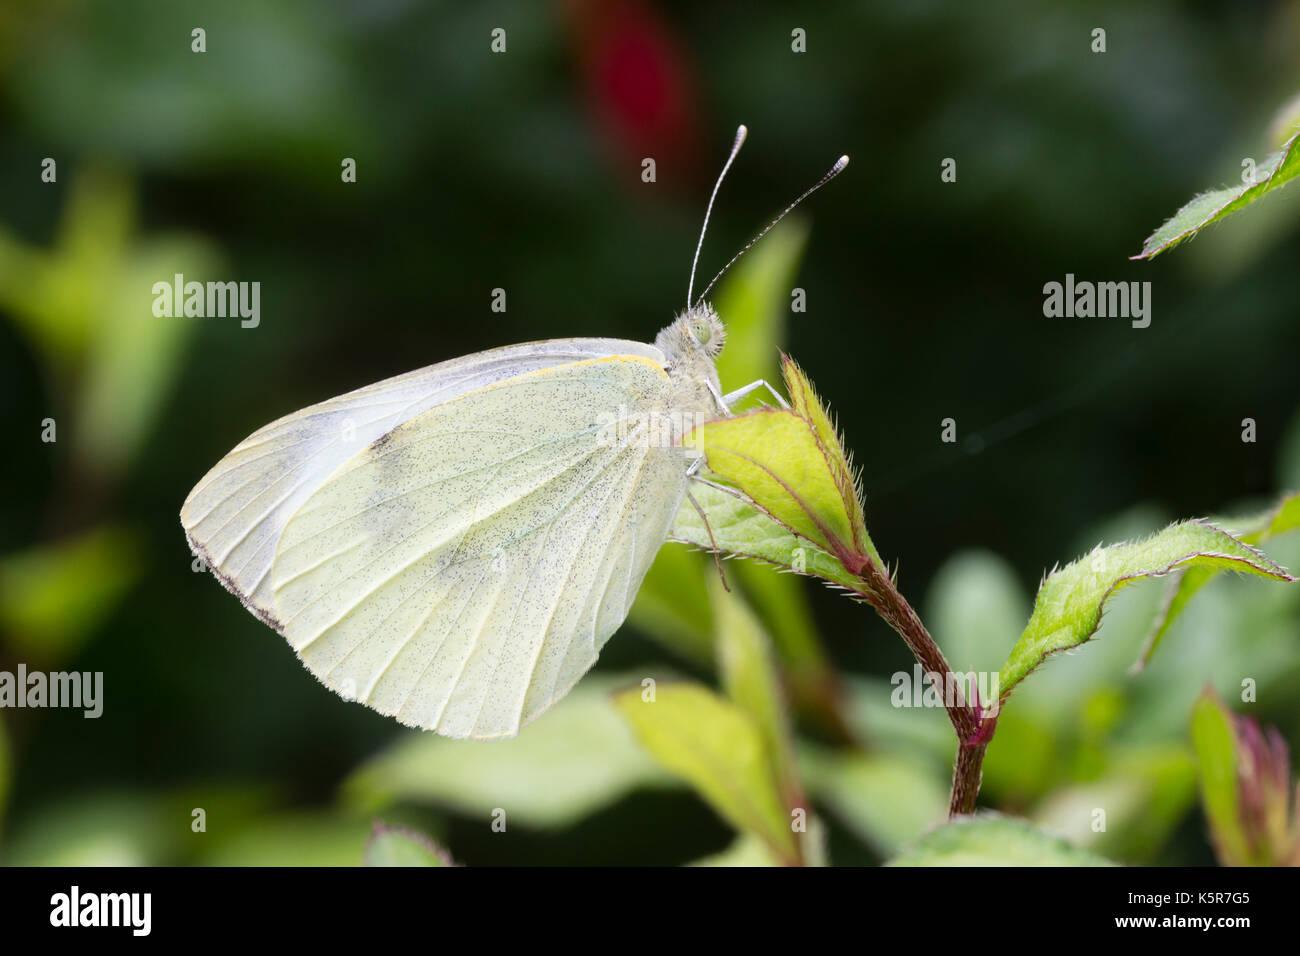 Männliche großen weißen Schmetterling, Pieris brassicae, ruht auf Laub Stockbild